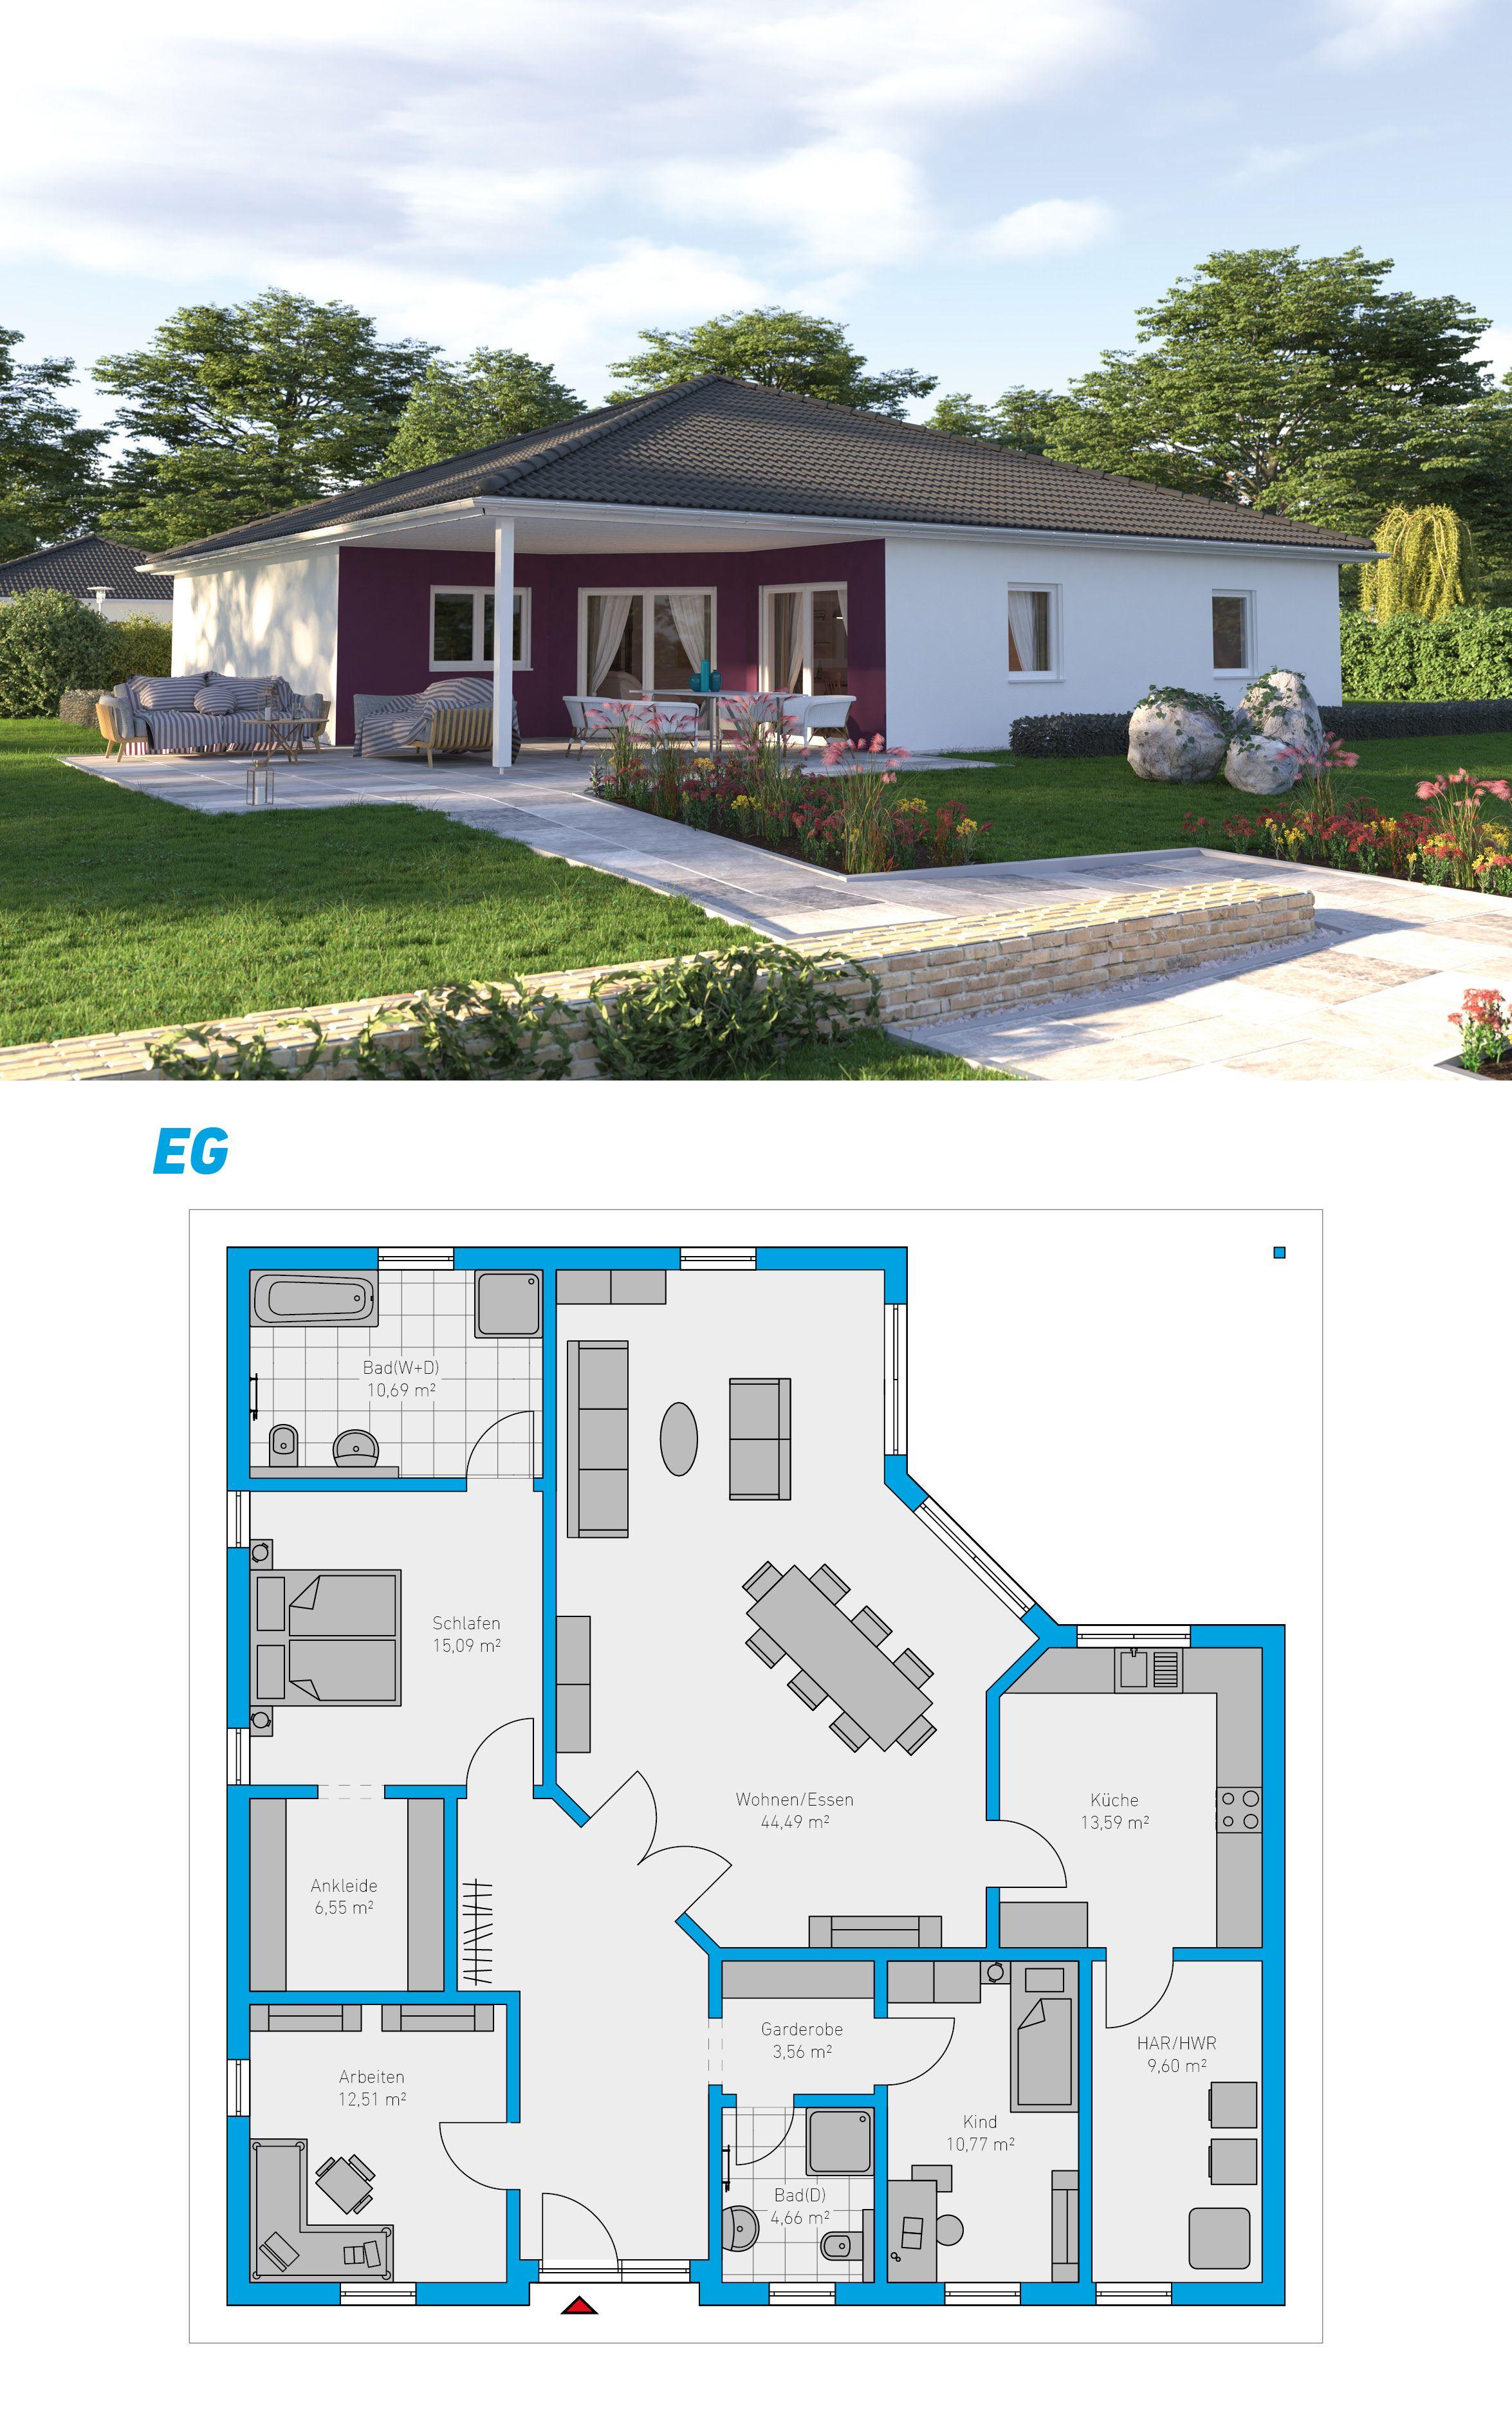 GroBartig Plana 147   Schlüsselfertiges Massivhaus #spektralhaus #ingutenwänden  #Bungalow #Grundriss #Hausbau #